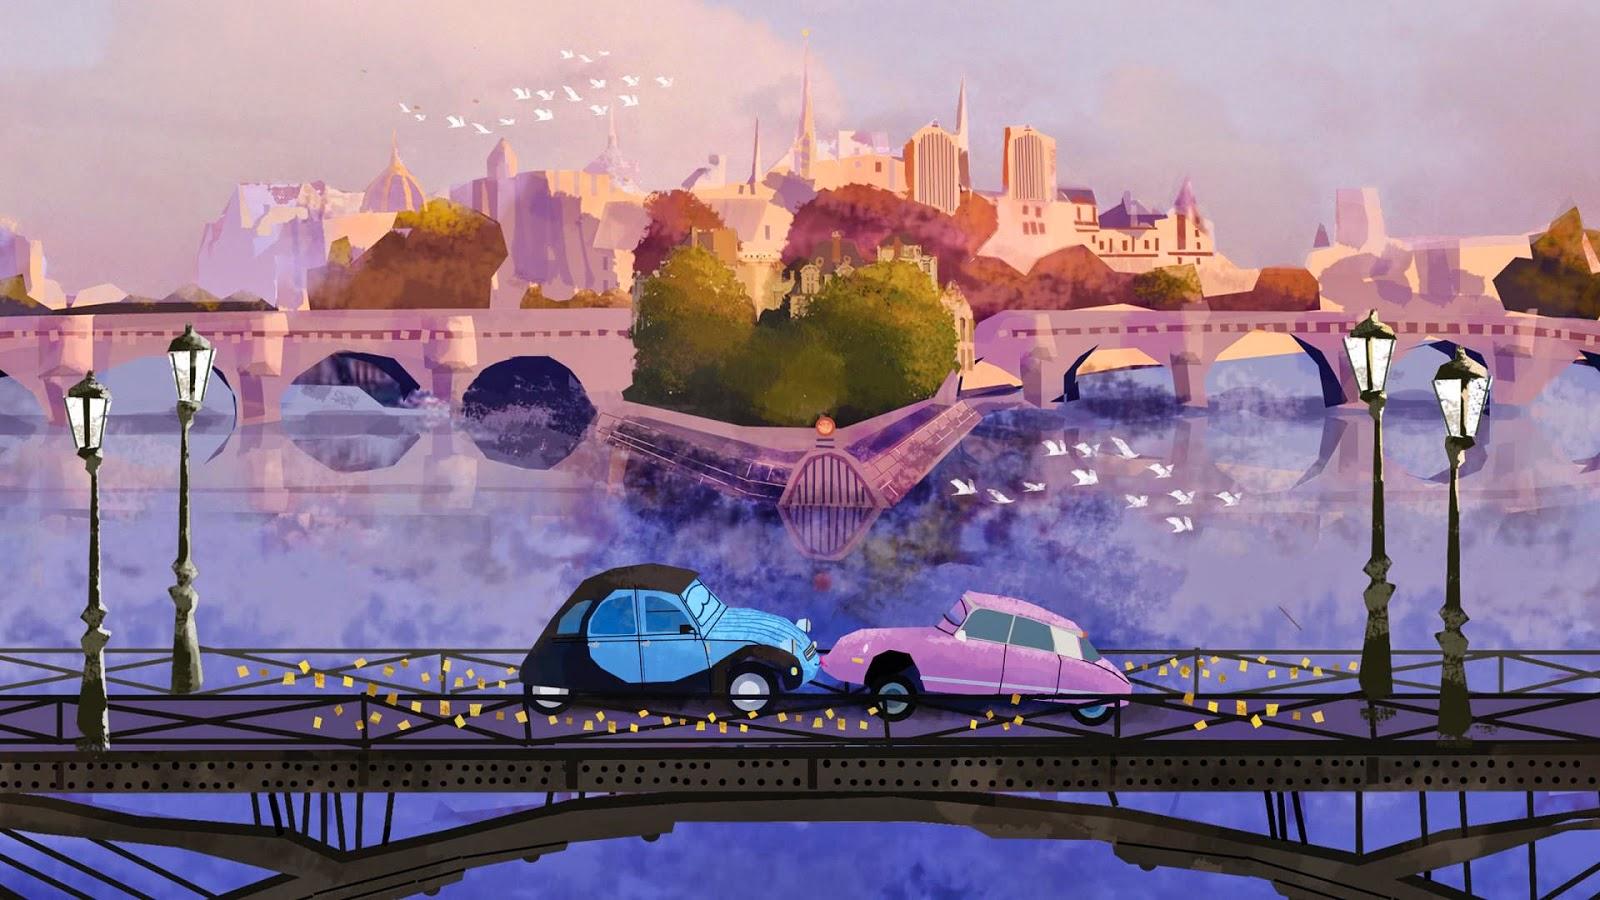 HD Funny car love, kissing, desktop Wallpapers